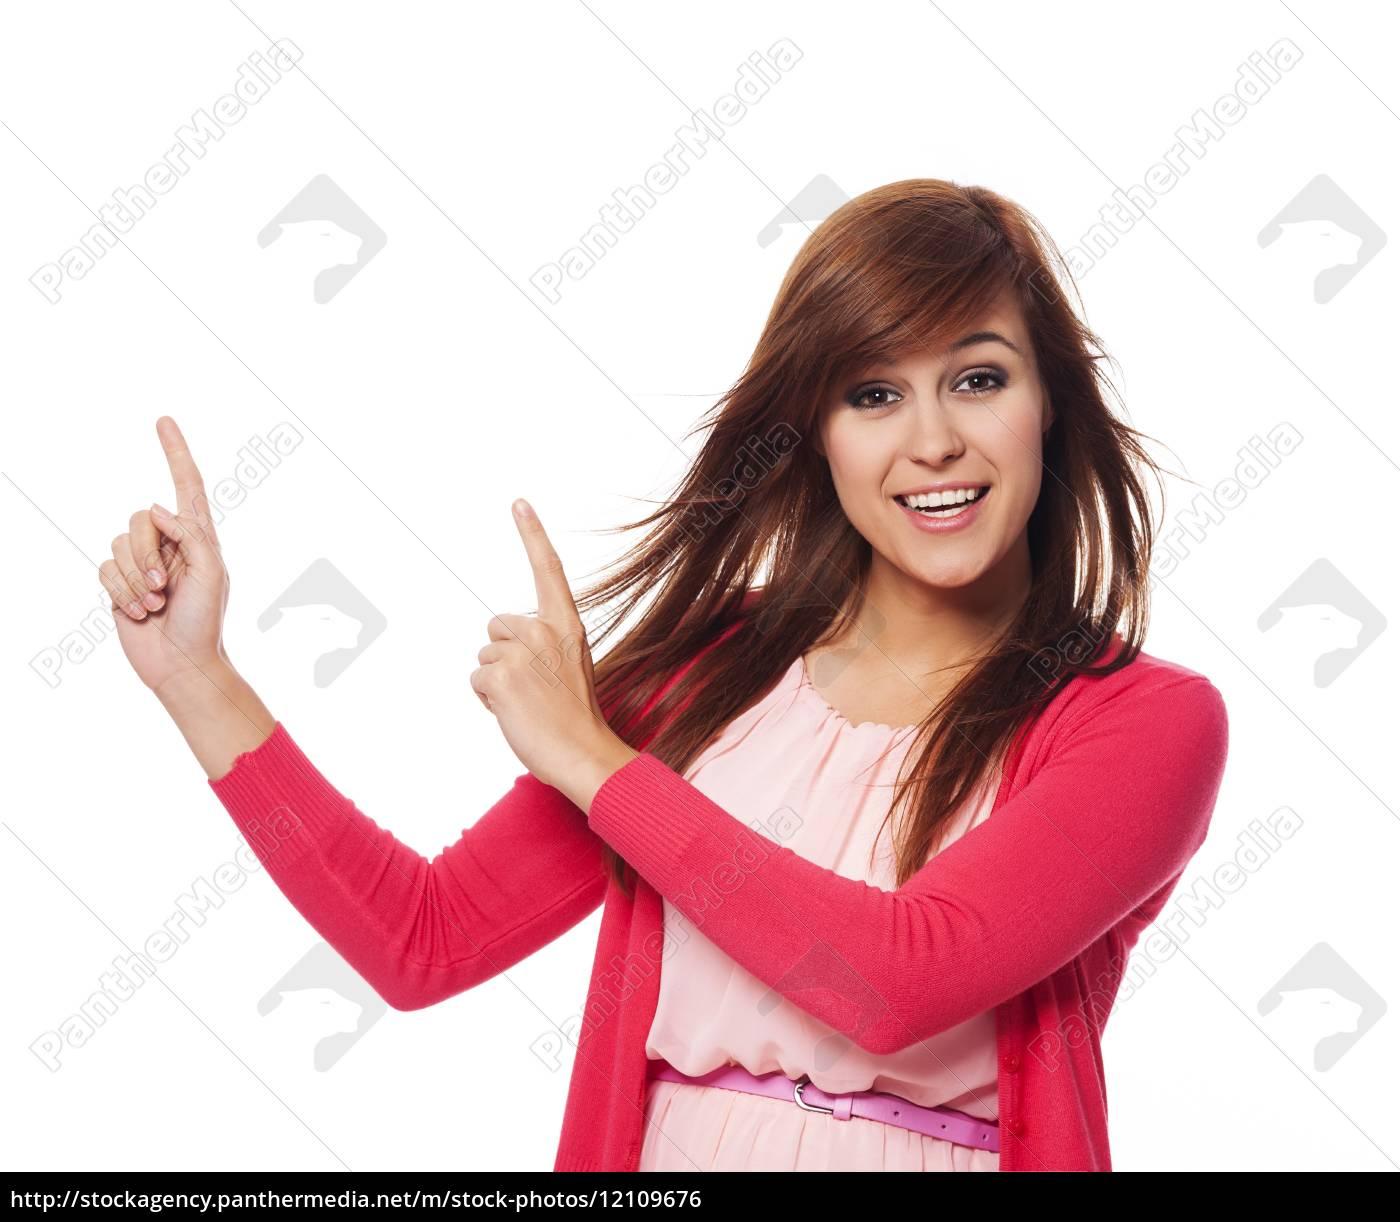 piękna, kobieta, w, różowym, wskazującym, na - 12109676